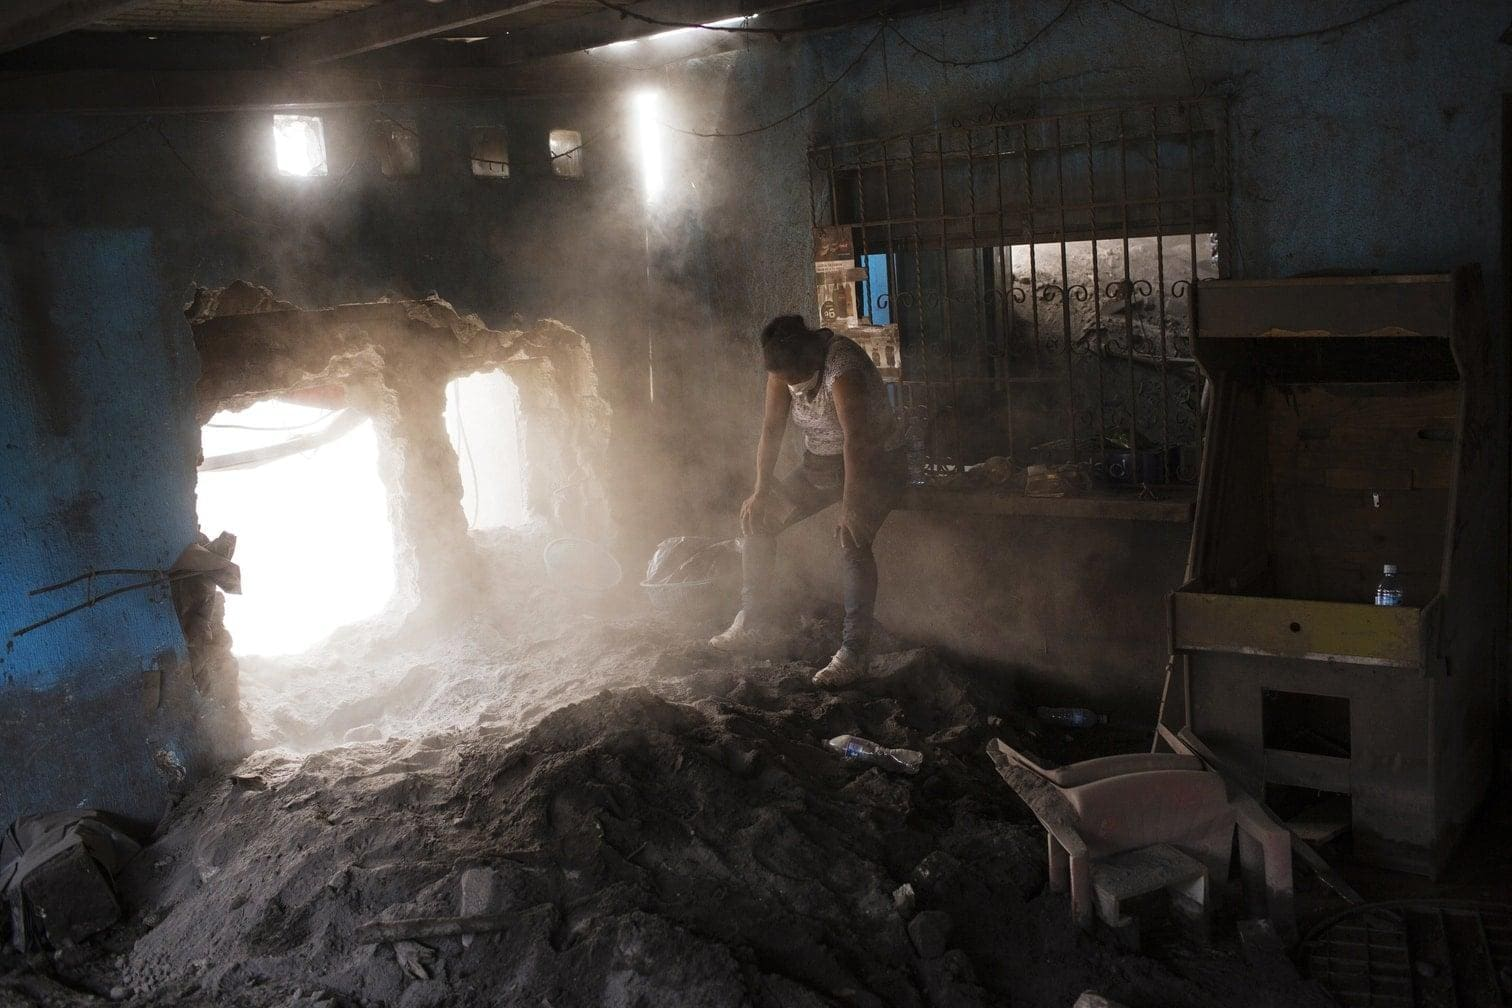 <p>Am 3. Juni entfaltete der Feuervulkan seine volle Kraft. Dörfer wurden unter Lawinen aus Lava